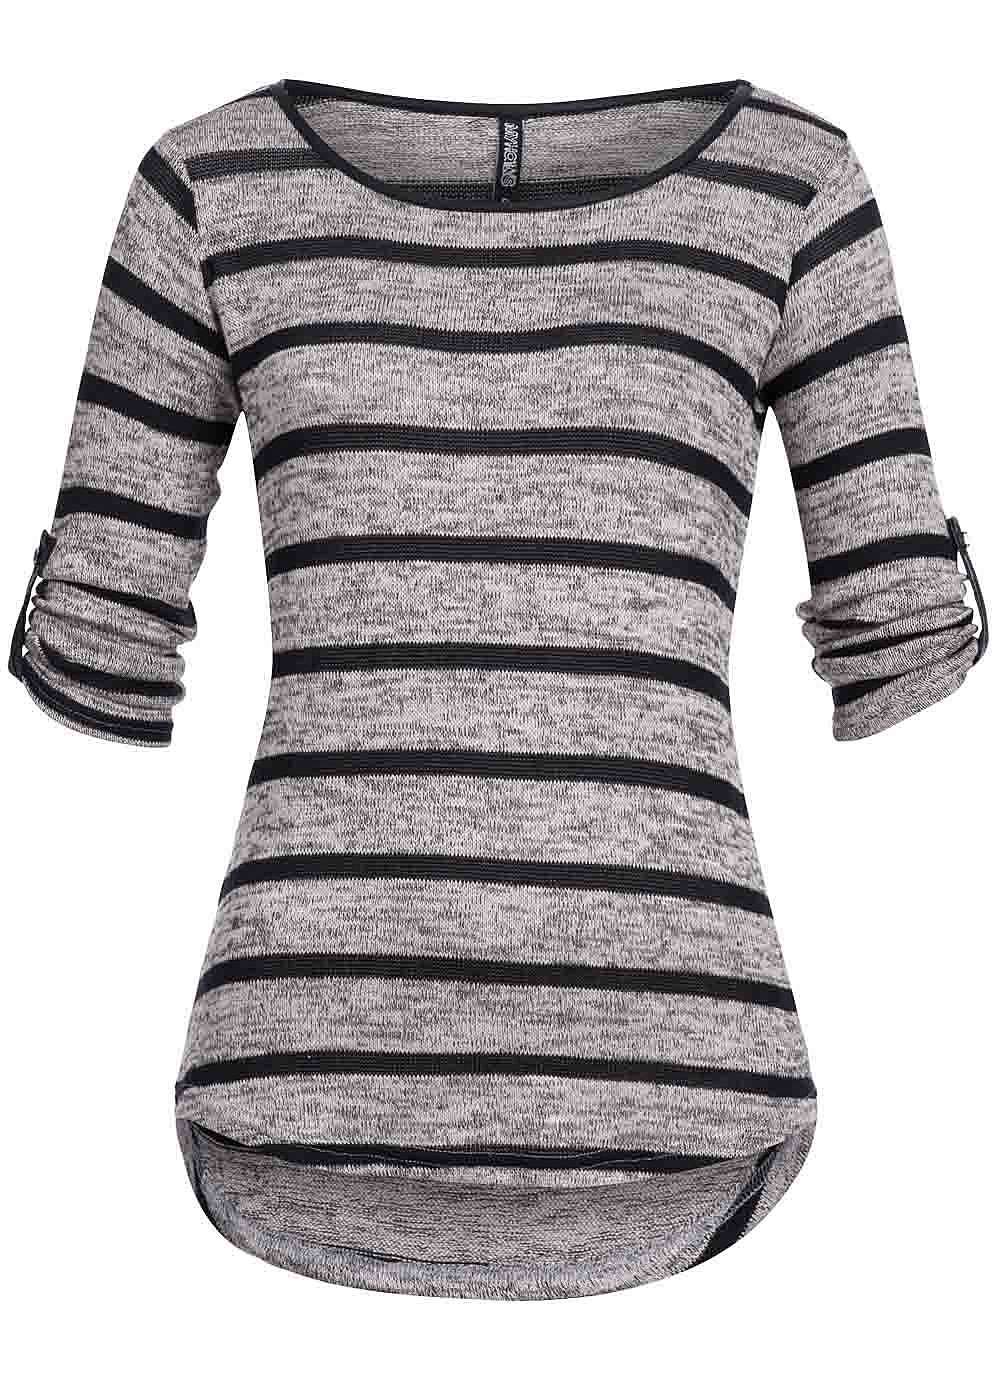 15be0150dbcd85 Hailys Damen Sweater gestreift 3 4 Turn-Up Ärmel grau melange schwarz -  77onlineshop